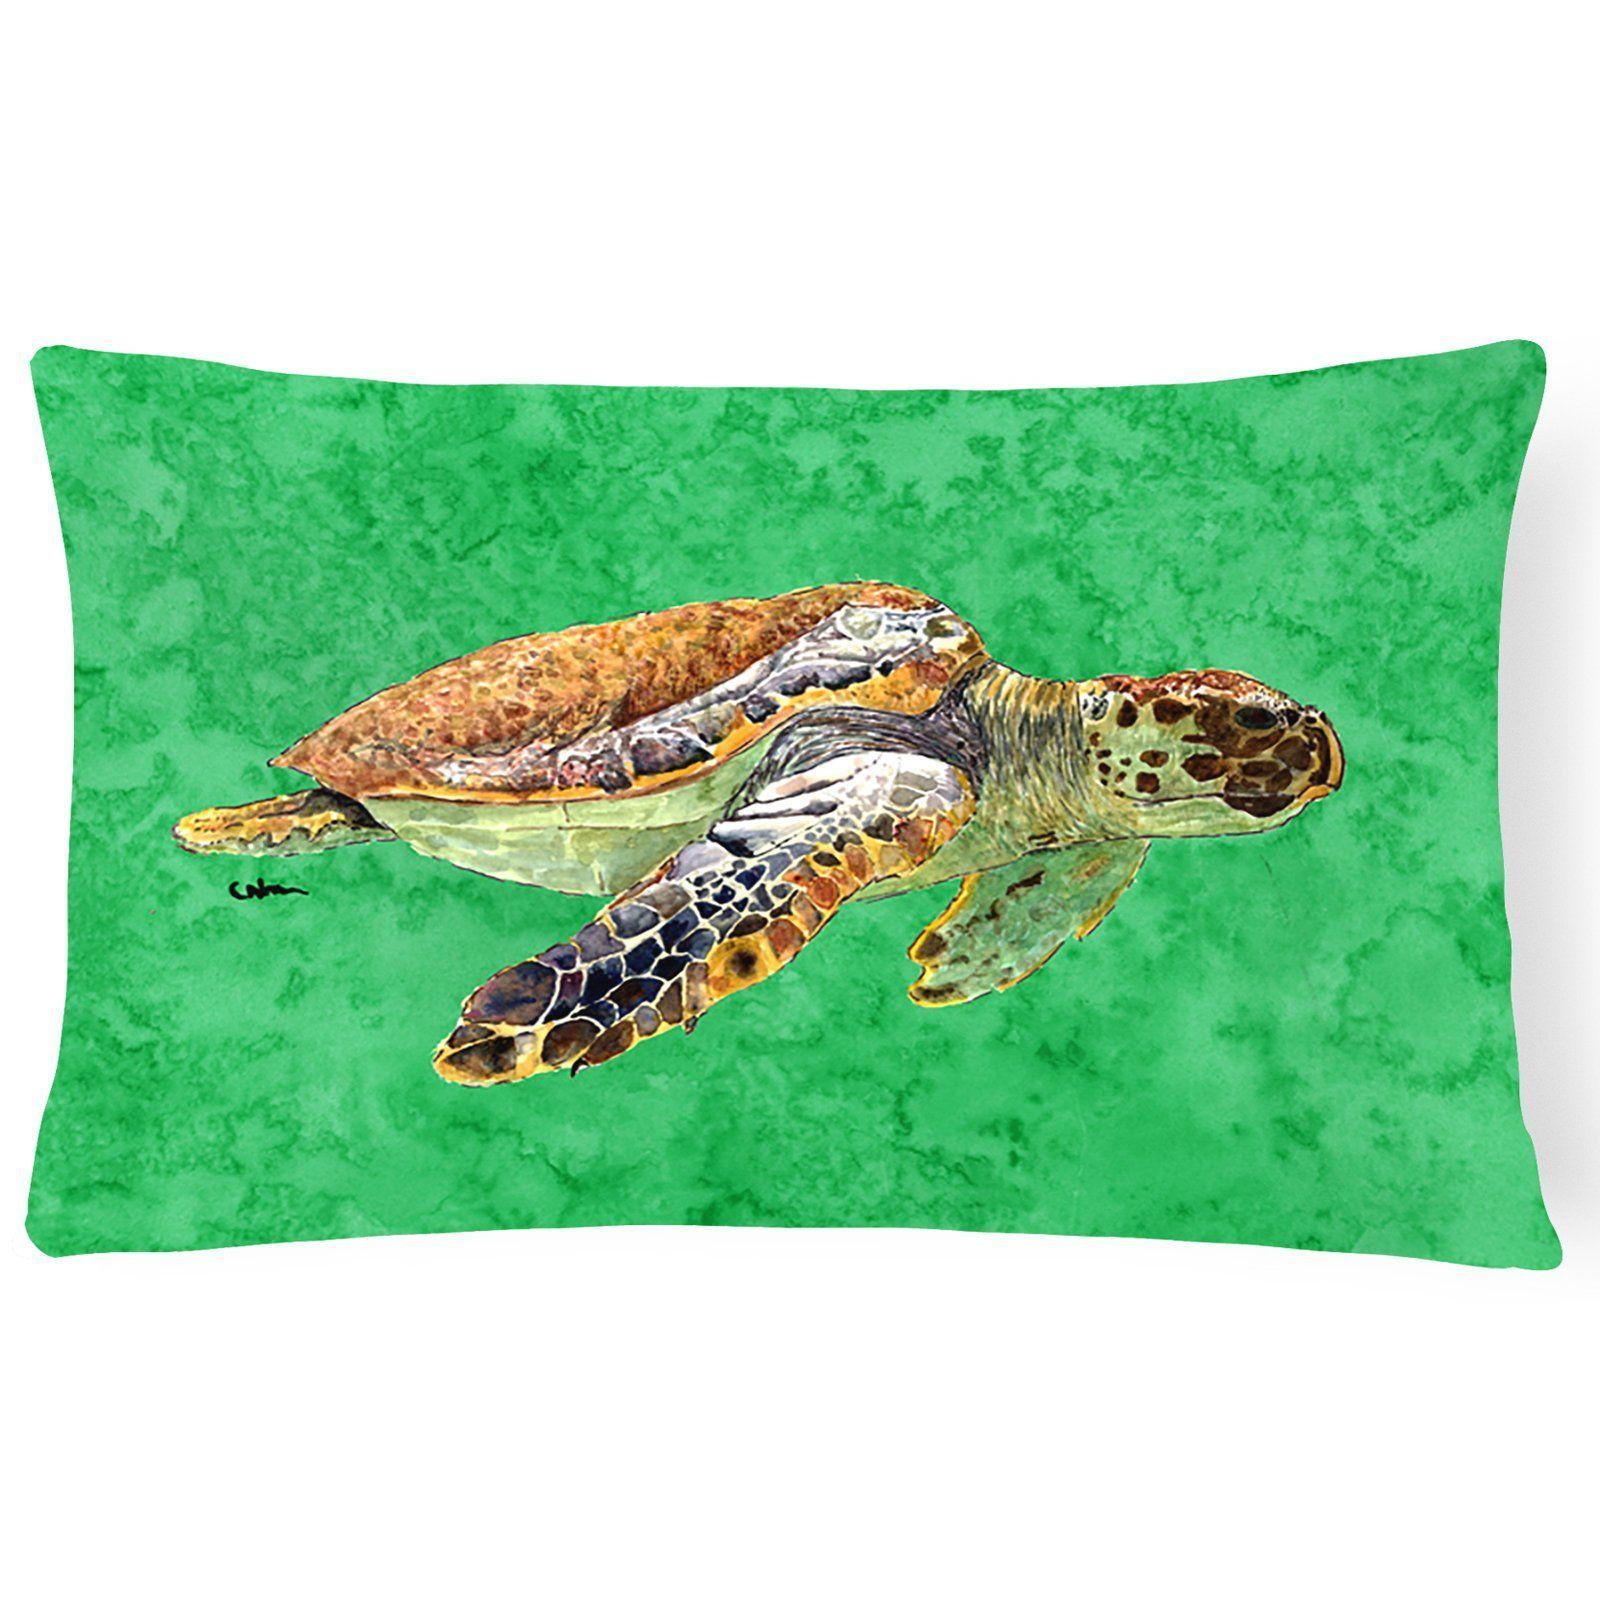 Carolines Treasures Sea Turtle Doormat 18 H x 27 W Multicolor